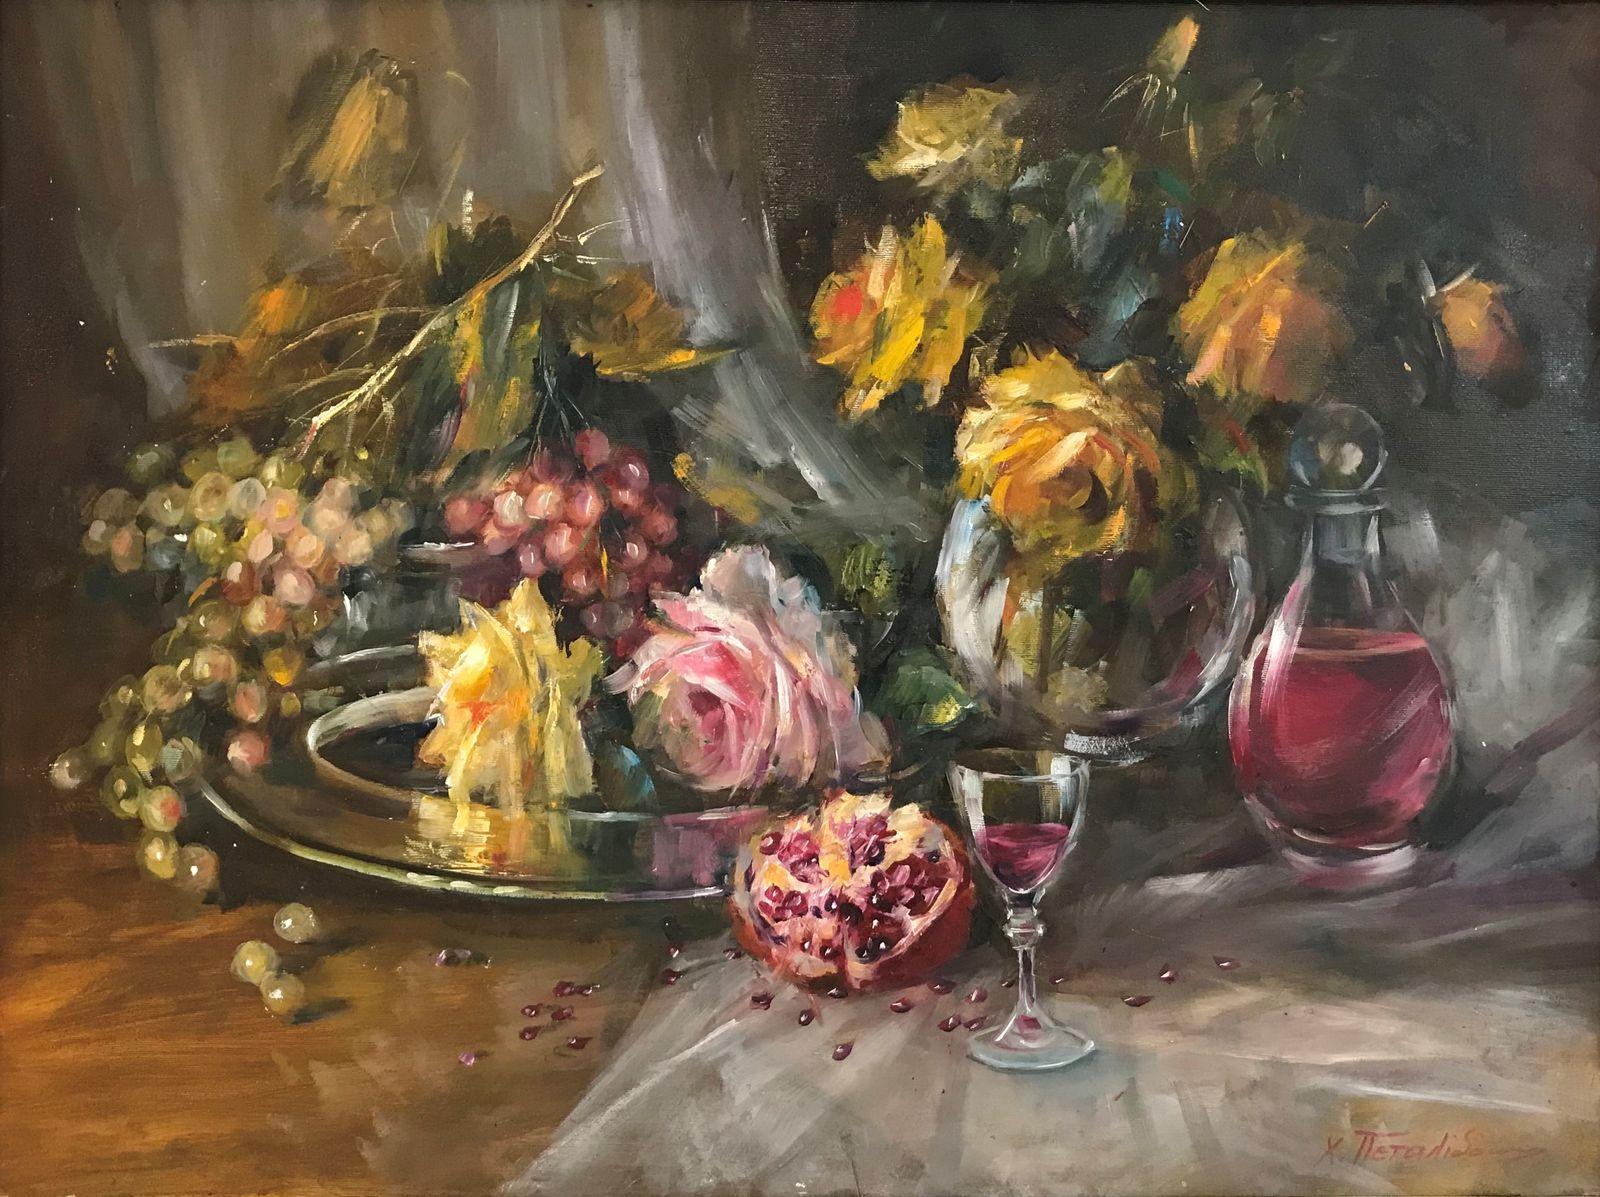 Χριστίνα Πεταλίδου 60×80 εκ. Λάδια σε καμβά Christina Petalidou 60×80 cm Oils on canvas